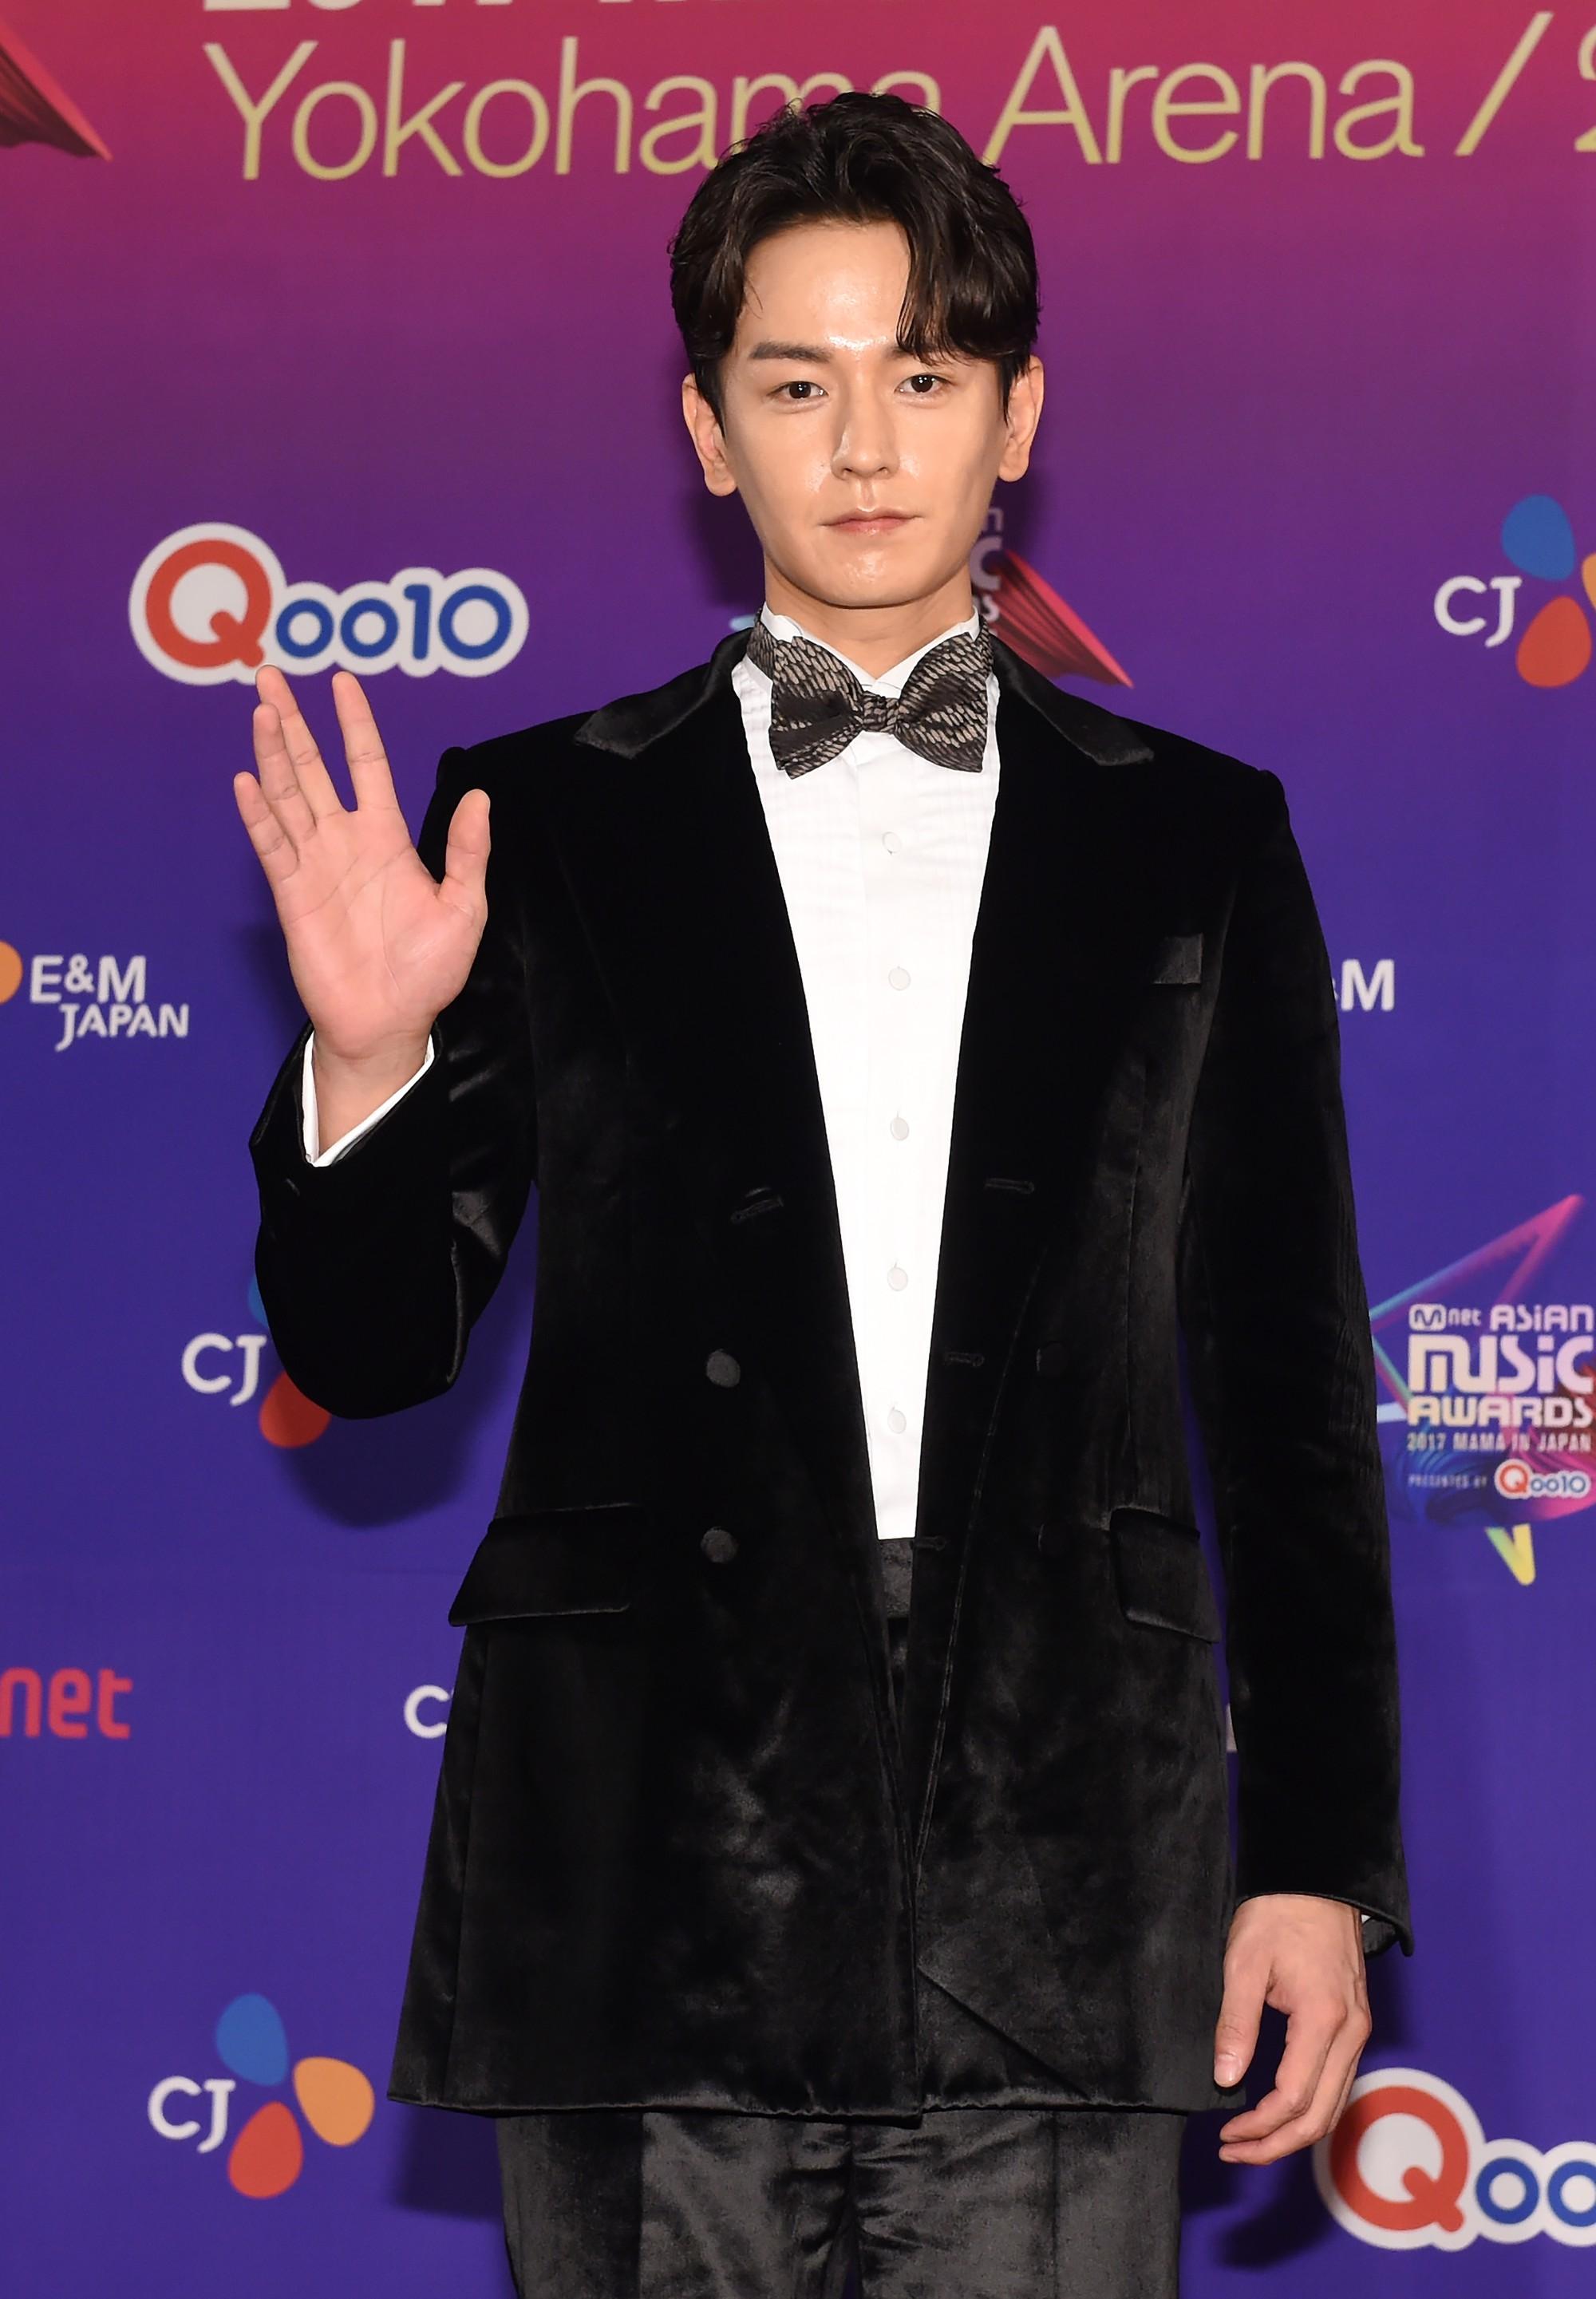 Thảm đỏ MAMA Nhật: Park Bo Gum và dàn mỹ nam Wanna One, EXO chiếm trọn sự chú ý, Kim So Hyun đọ sắc TWICE - Ảnh 25.